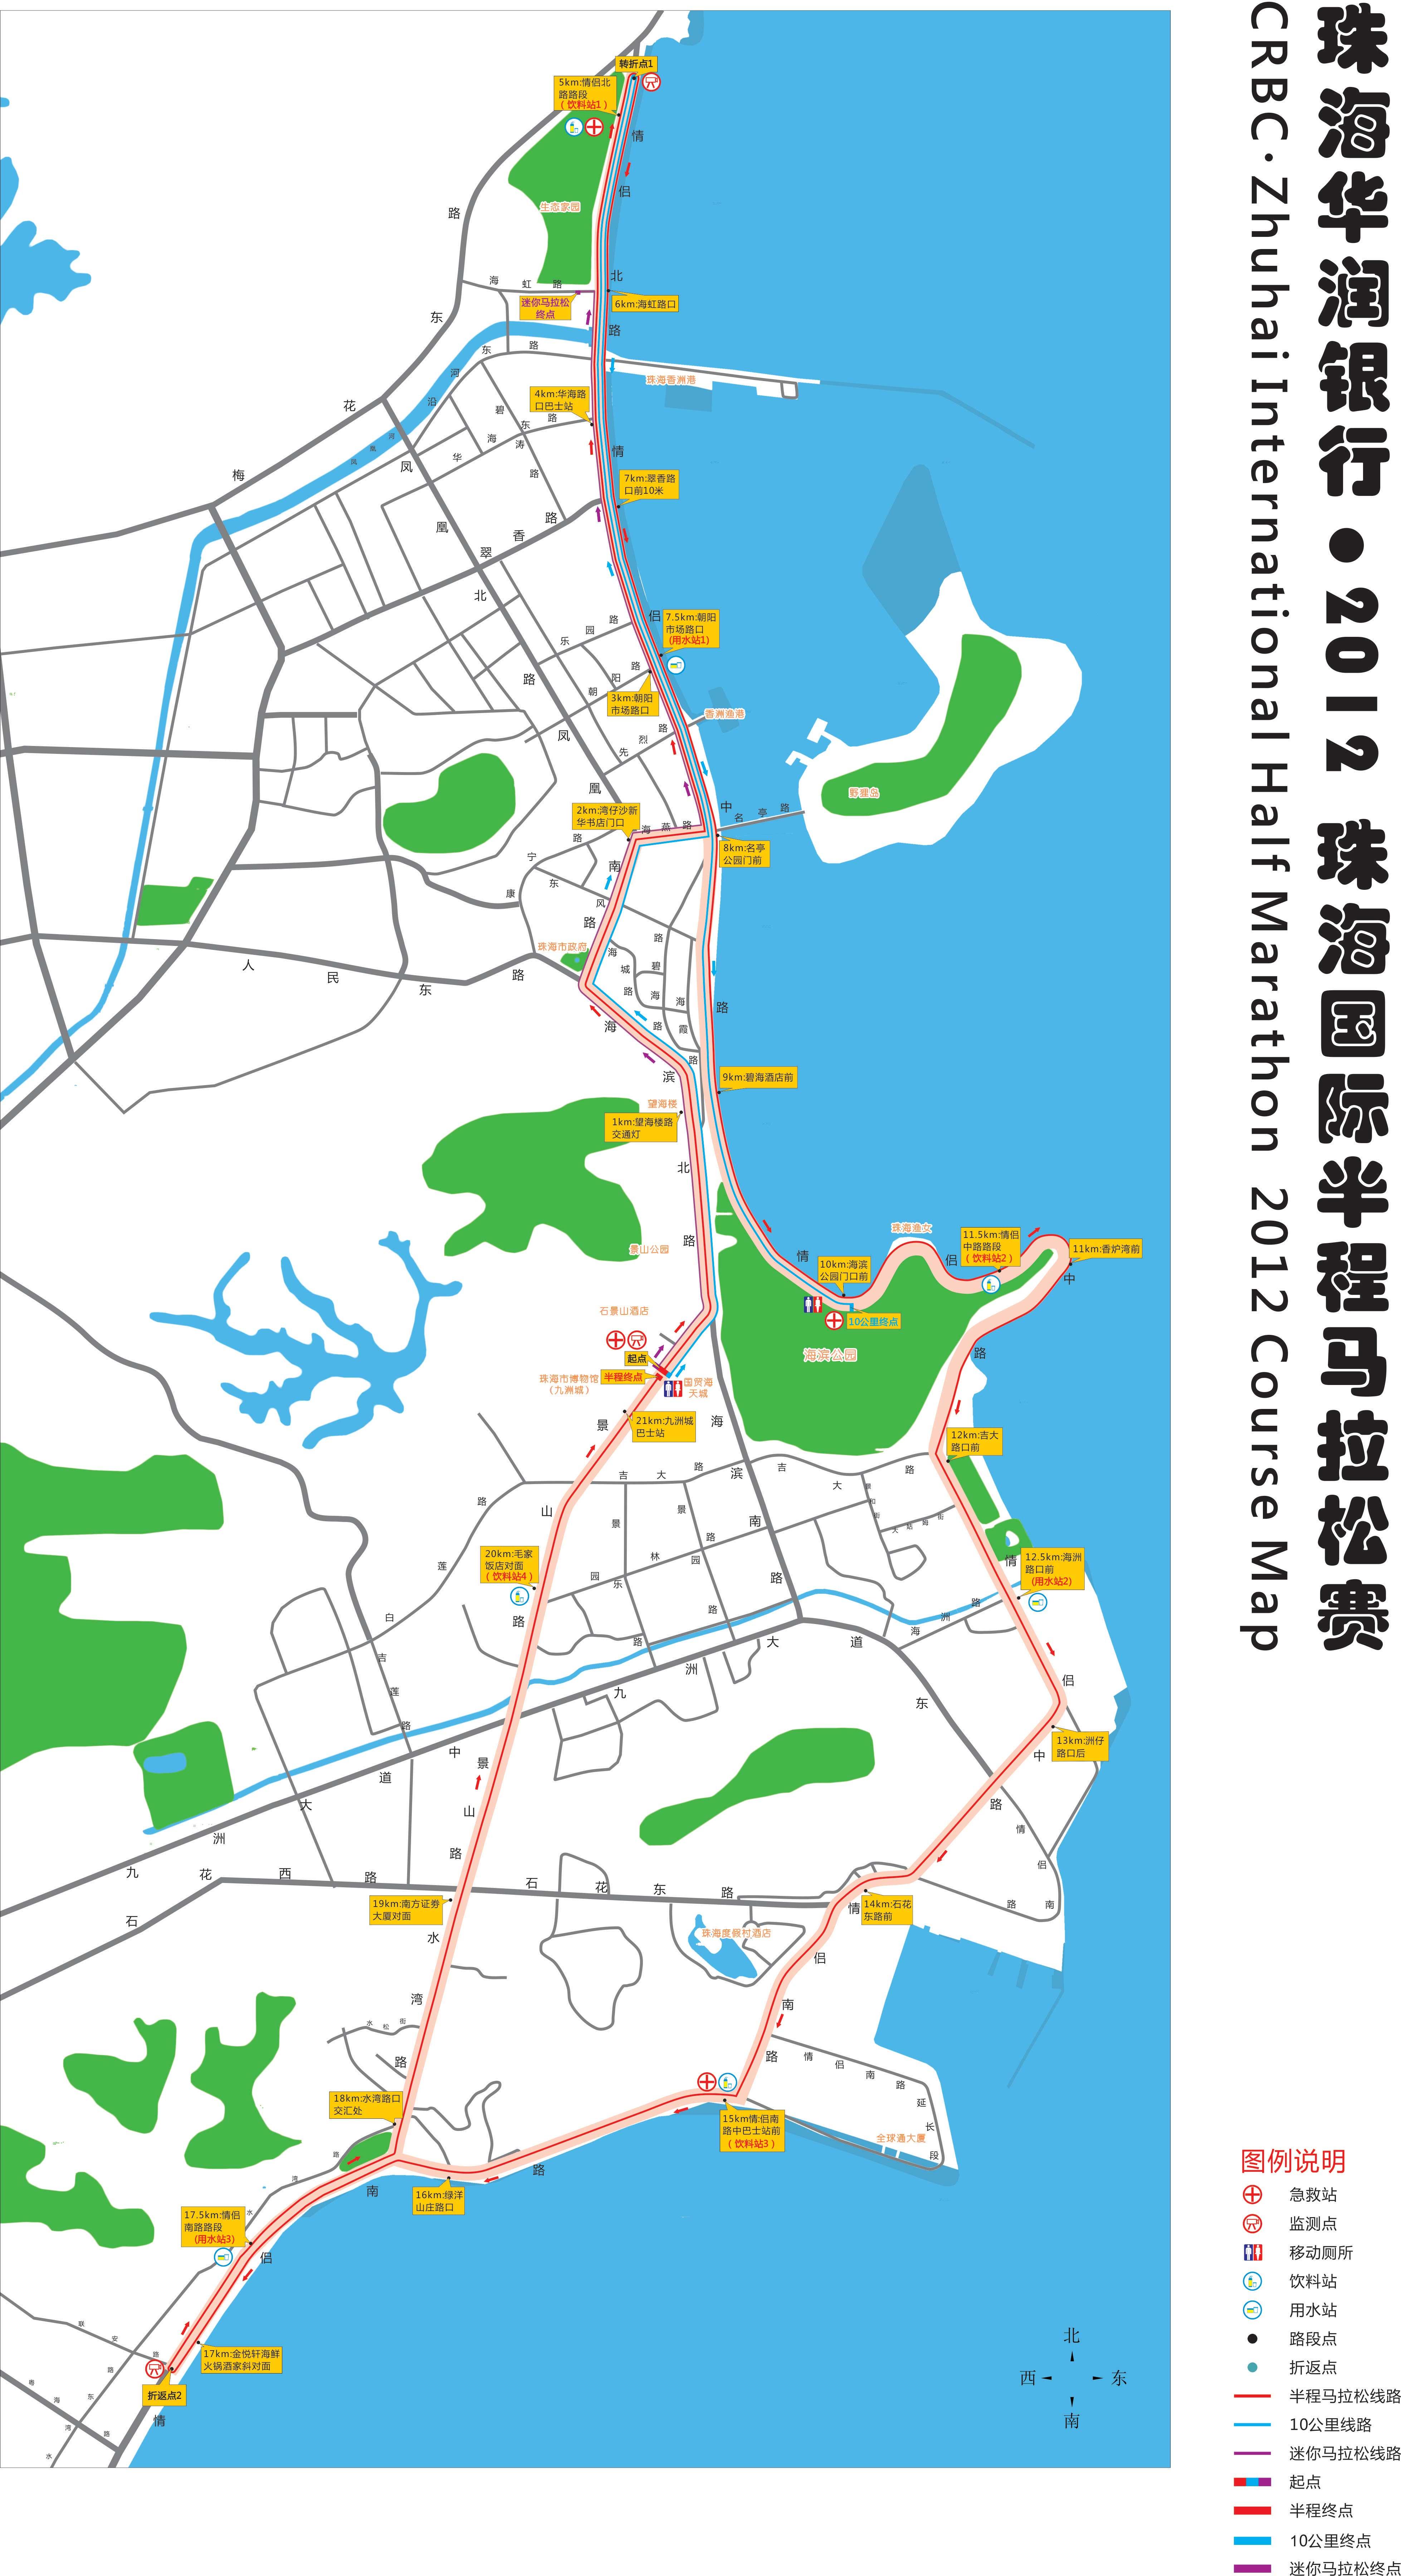 珠海国际半程马拉松比赛线路图; 2011珠海半程马拉松18日鸣枪; 高三噶